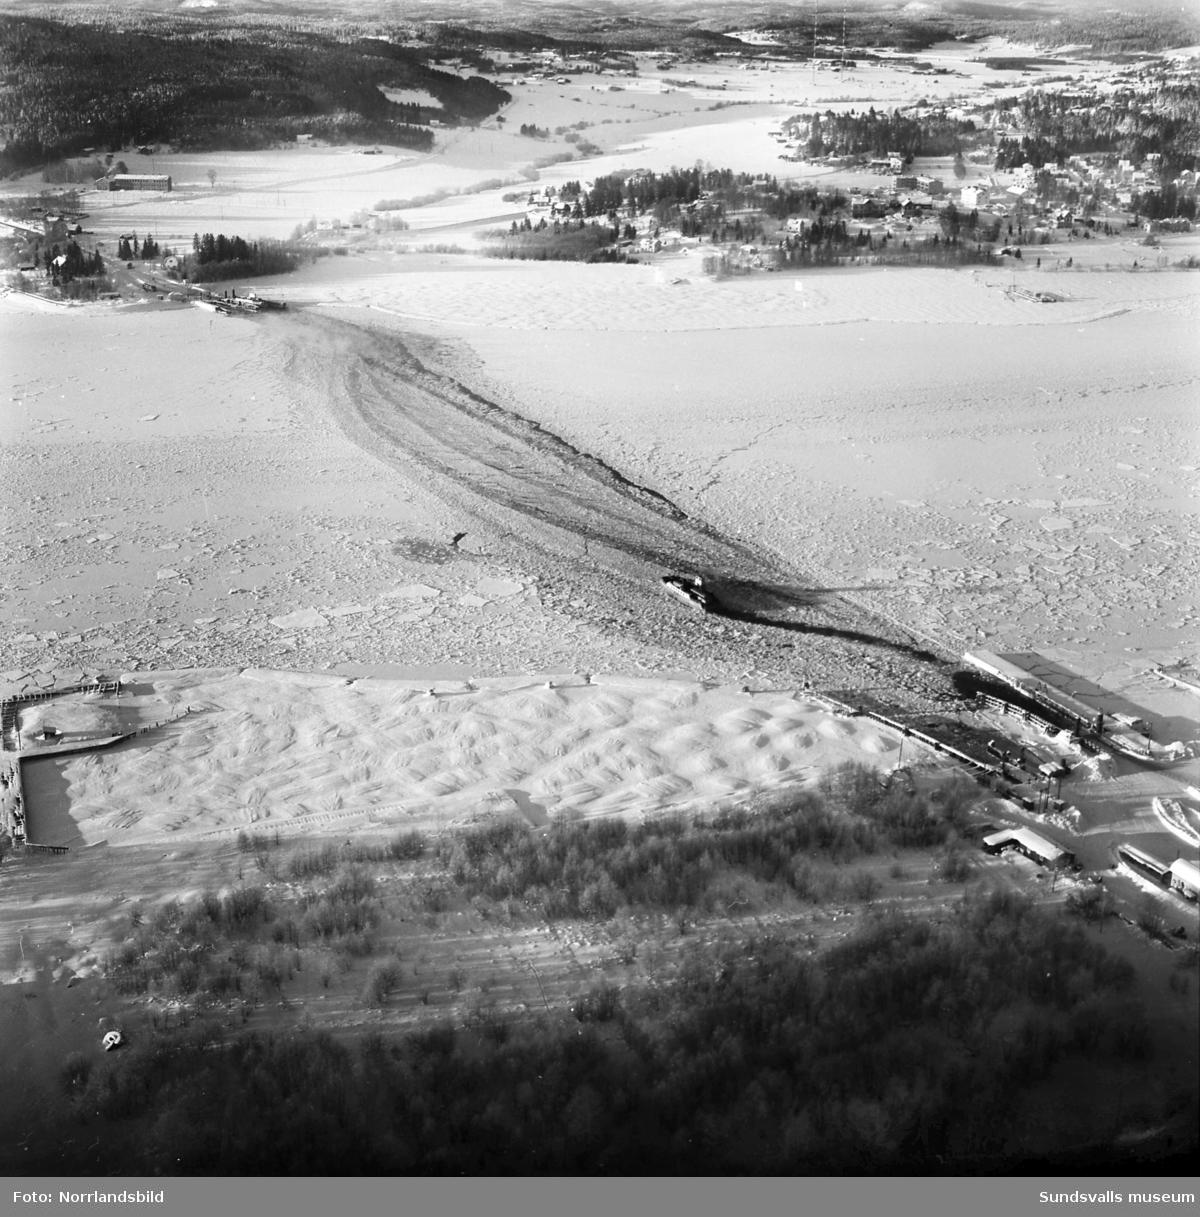 Flygfoto över Alnösundet med färjelägena på Alnö och i Fillan. Däremellan är Alnöfärjan på väg i isrännan.Till höger Johannedal och längre upp radiomasterna i jordbrukslandskapet där numera (2015) Birsta köpcentrum breder ut sig.